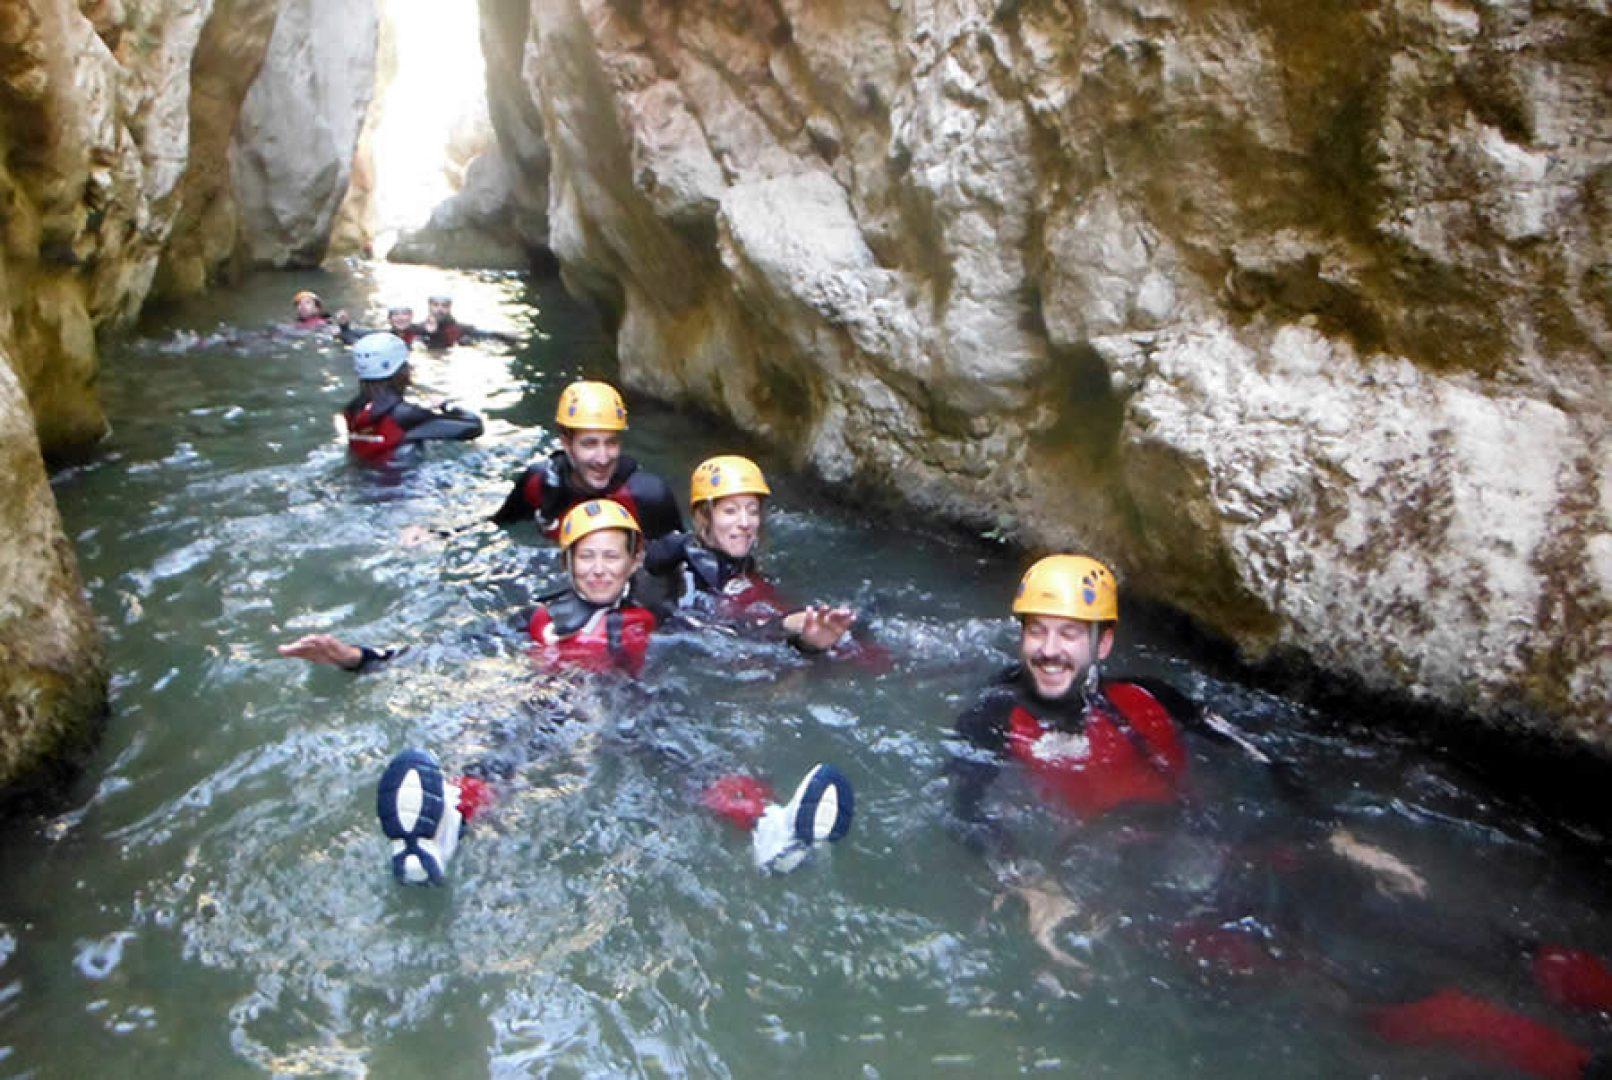 aventura en Sierra de Cazorla, descenso de barrancos por el rio Guadalentin